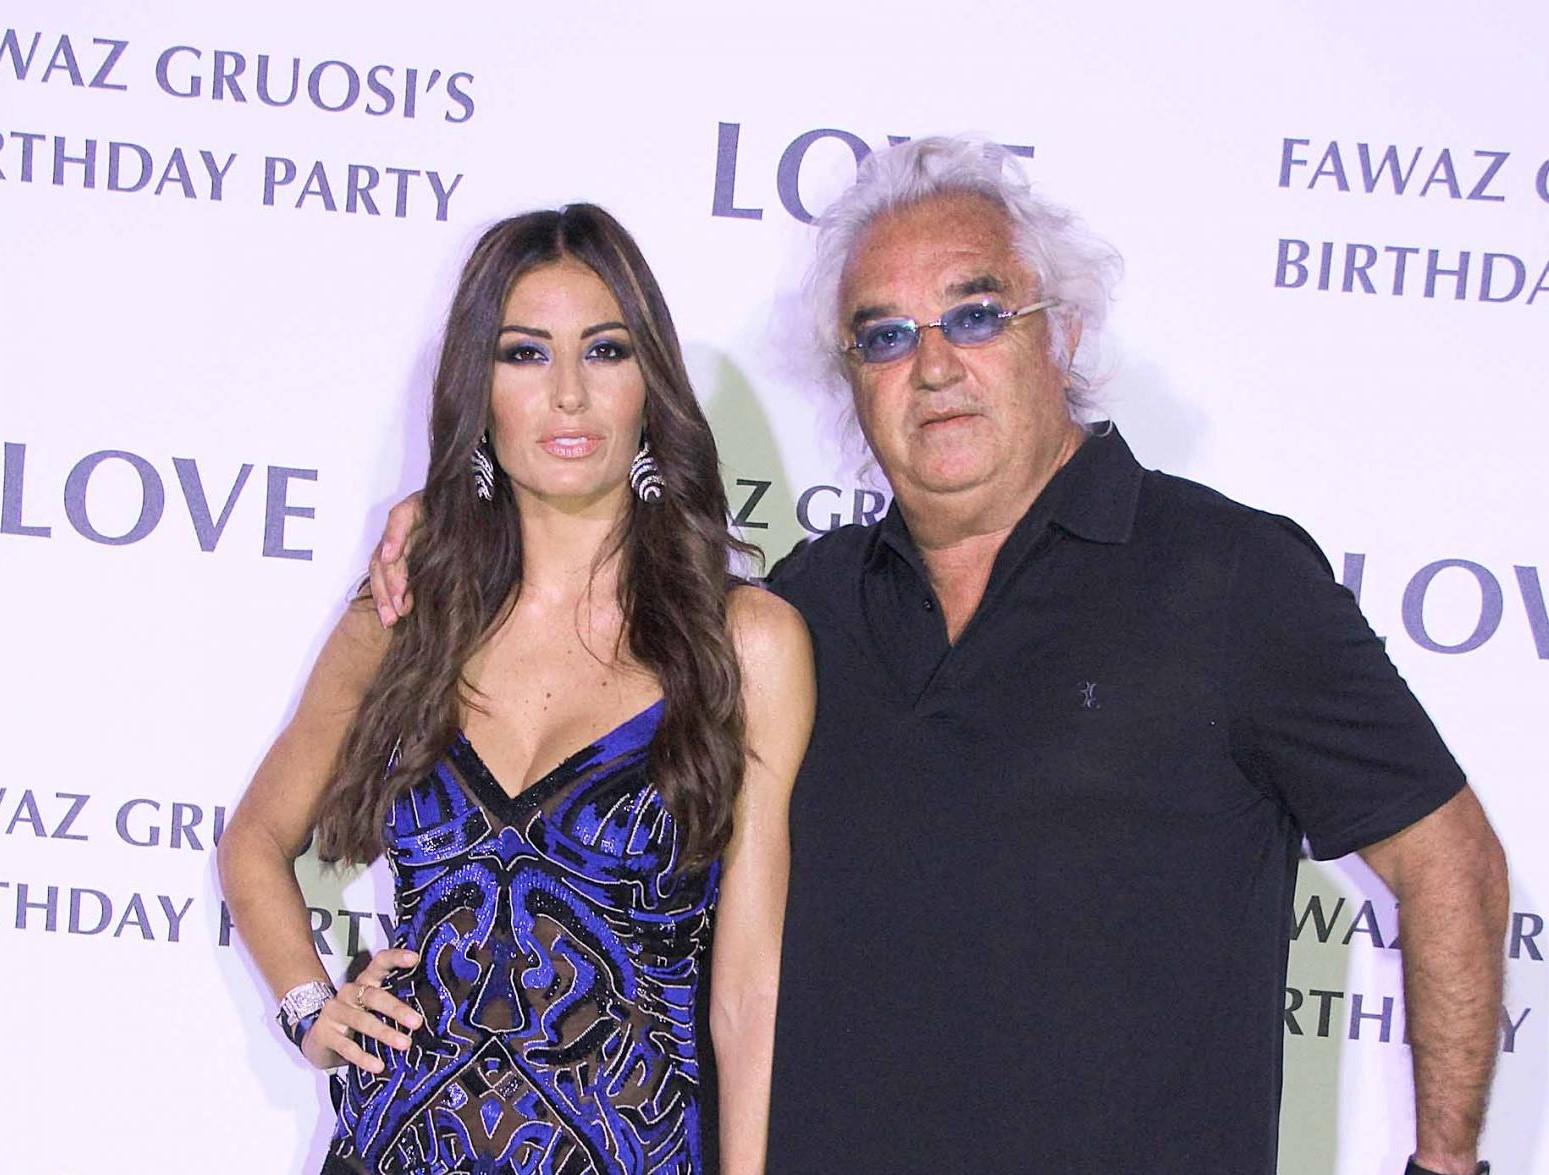 Mega party al Cala di Volpe per i 63 anni del gioielliere svizzero Fawaz Gruosi